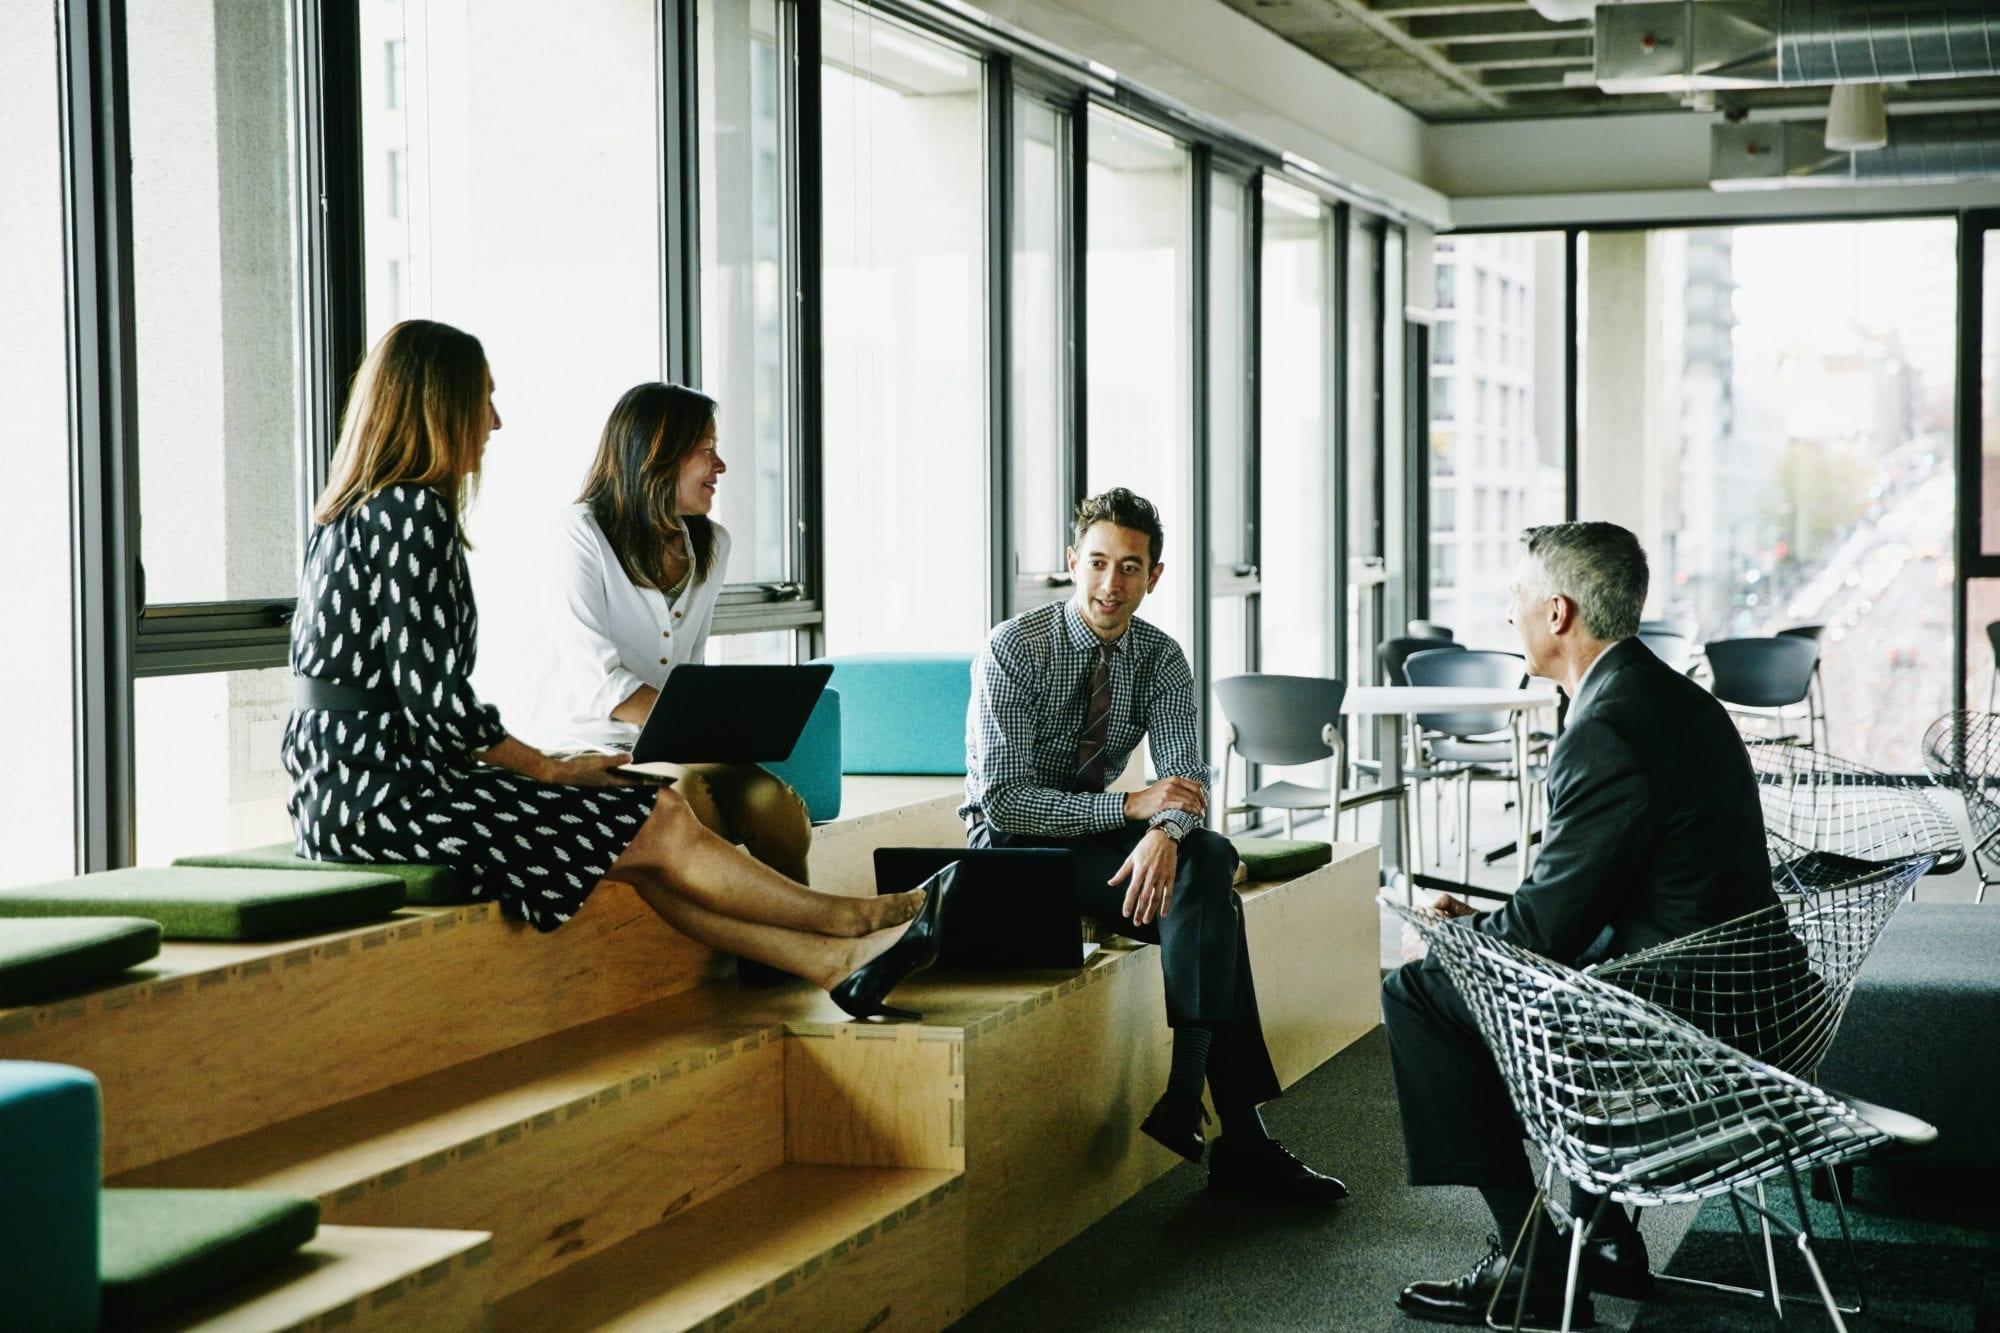 Colleagues having informal meeting in office